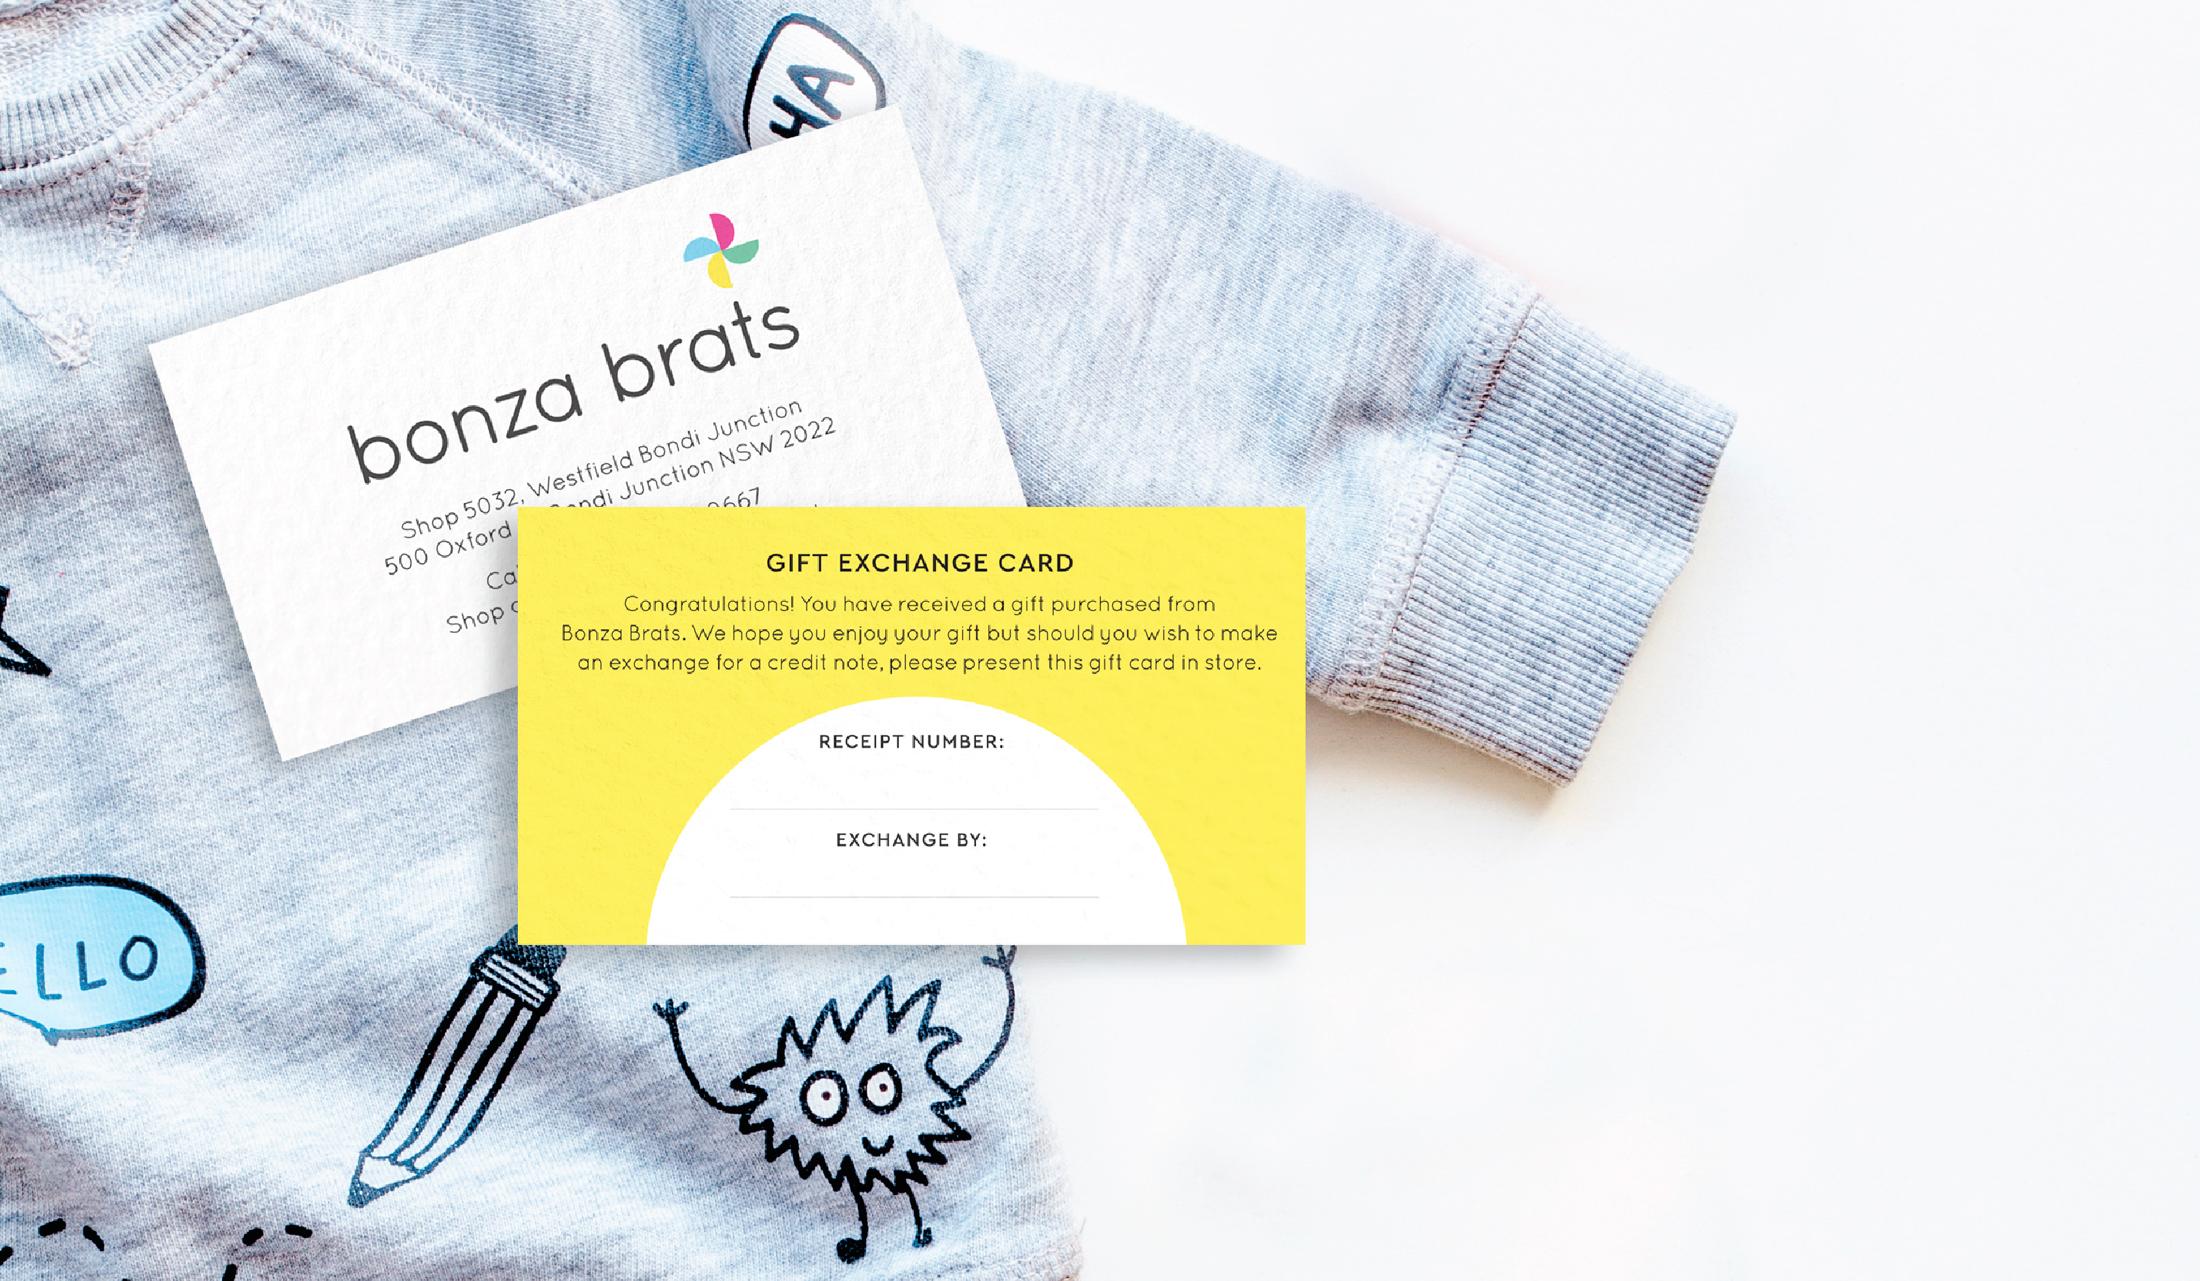 bonza-brats-bondi-retail-shop-brand-design-5